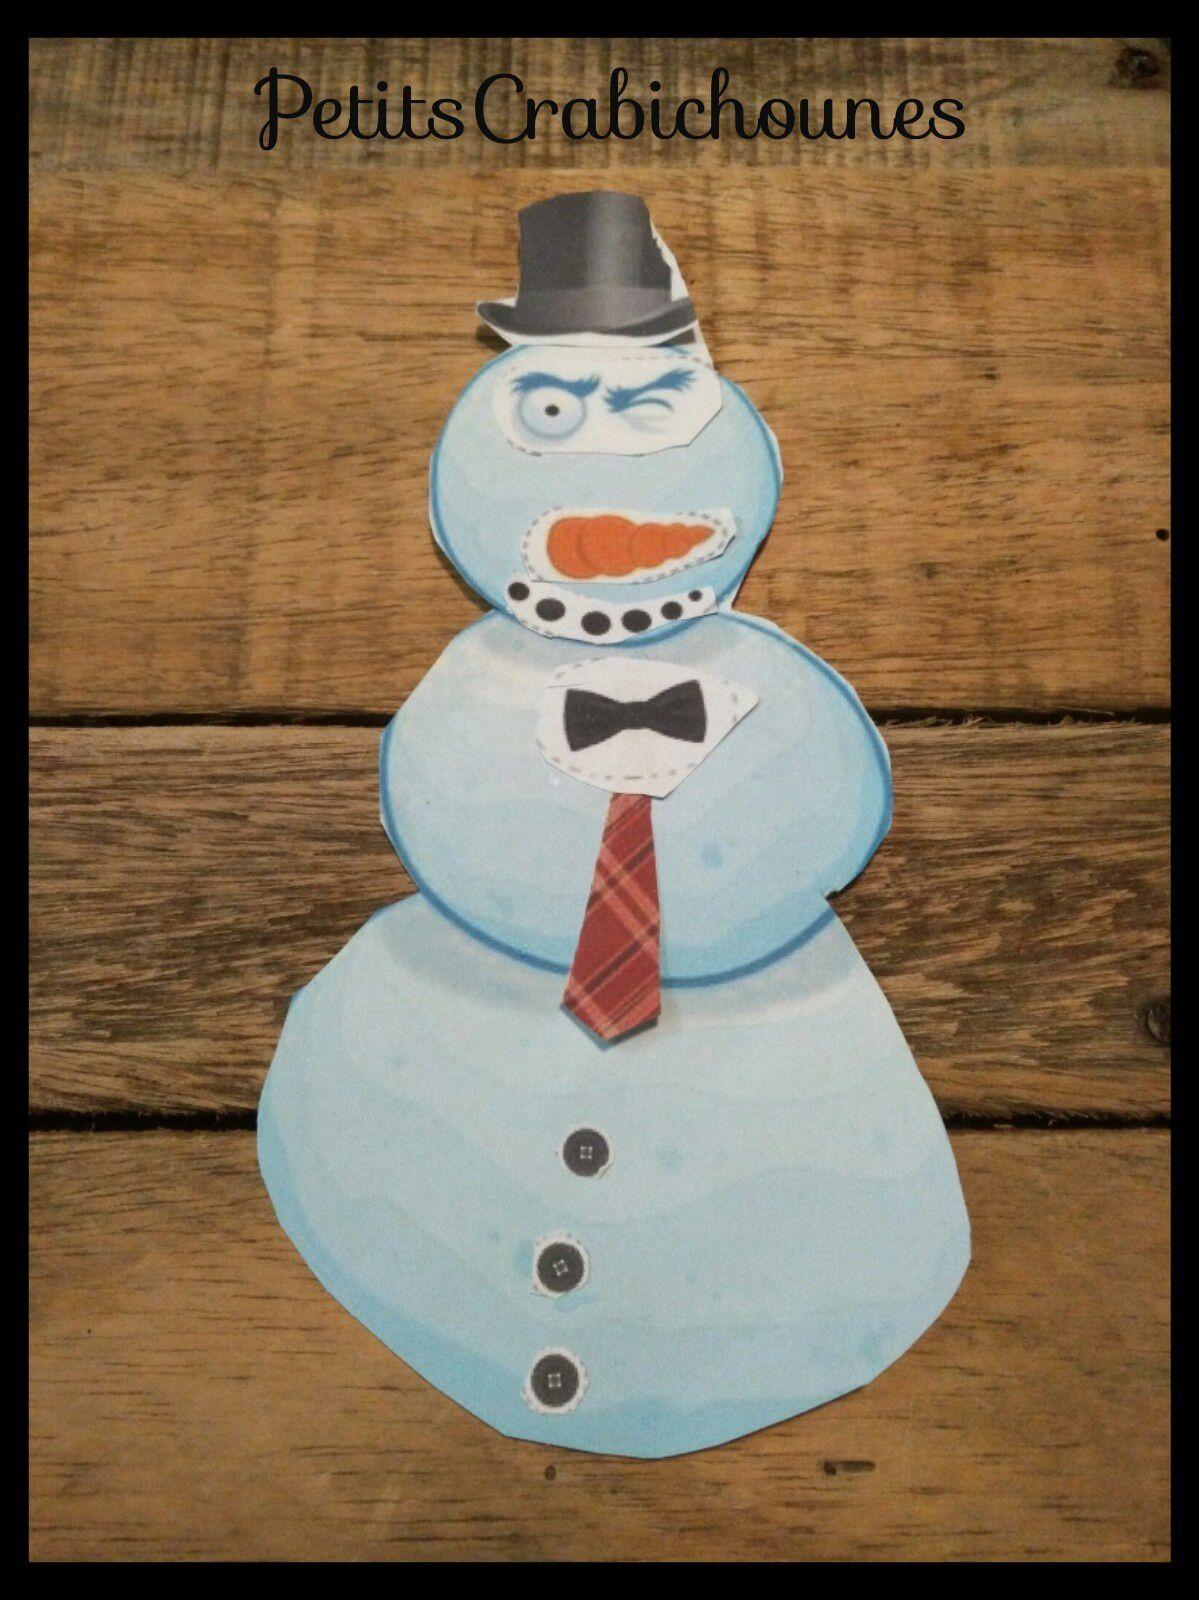 Bonhomme De Neige À Découper Et Peinture Coton-Tige dedans Modèle Bonhomme De Neige À Découper